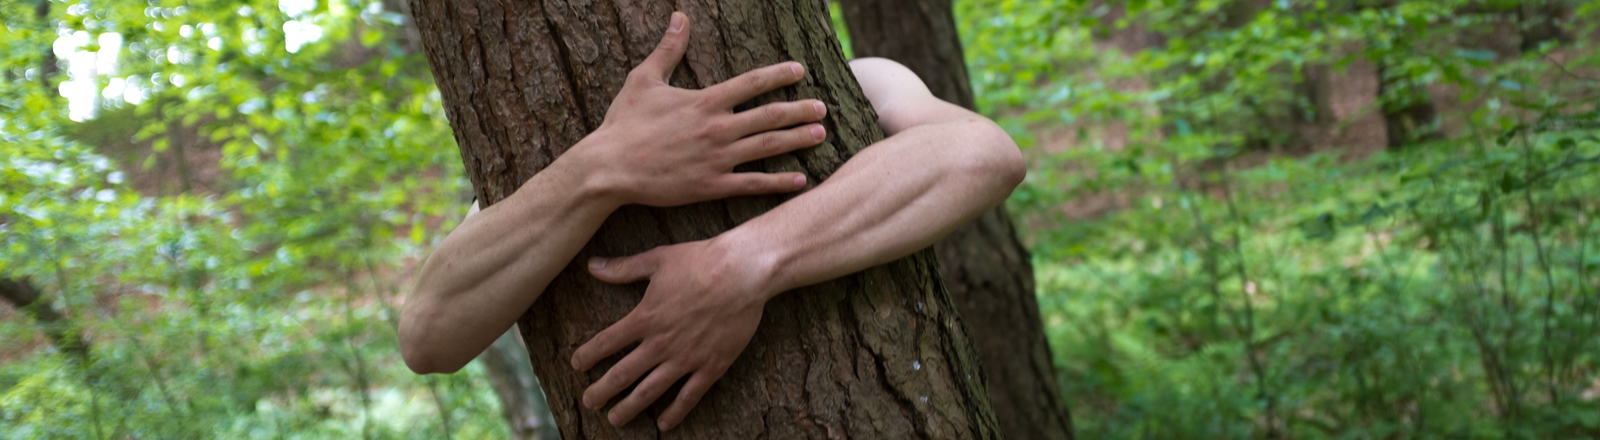 Ein Baum wird umarm